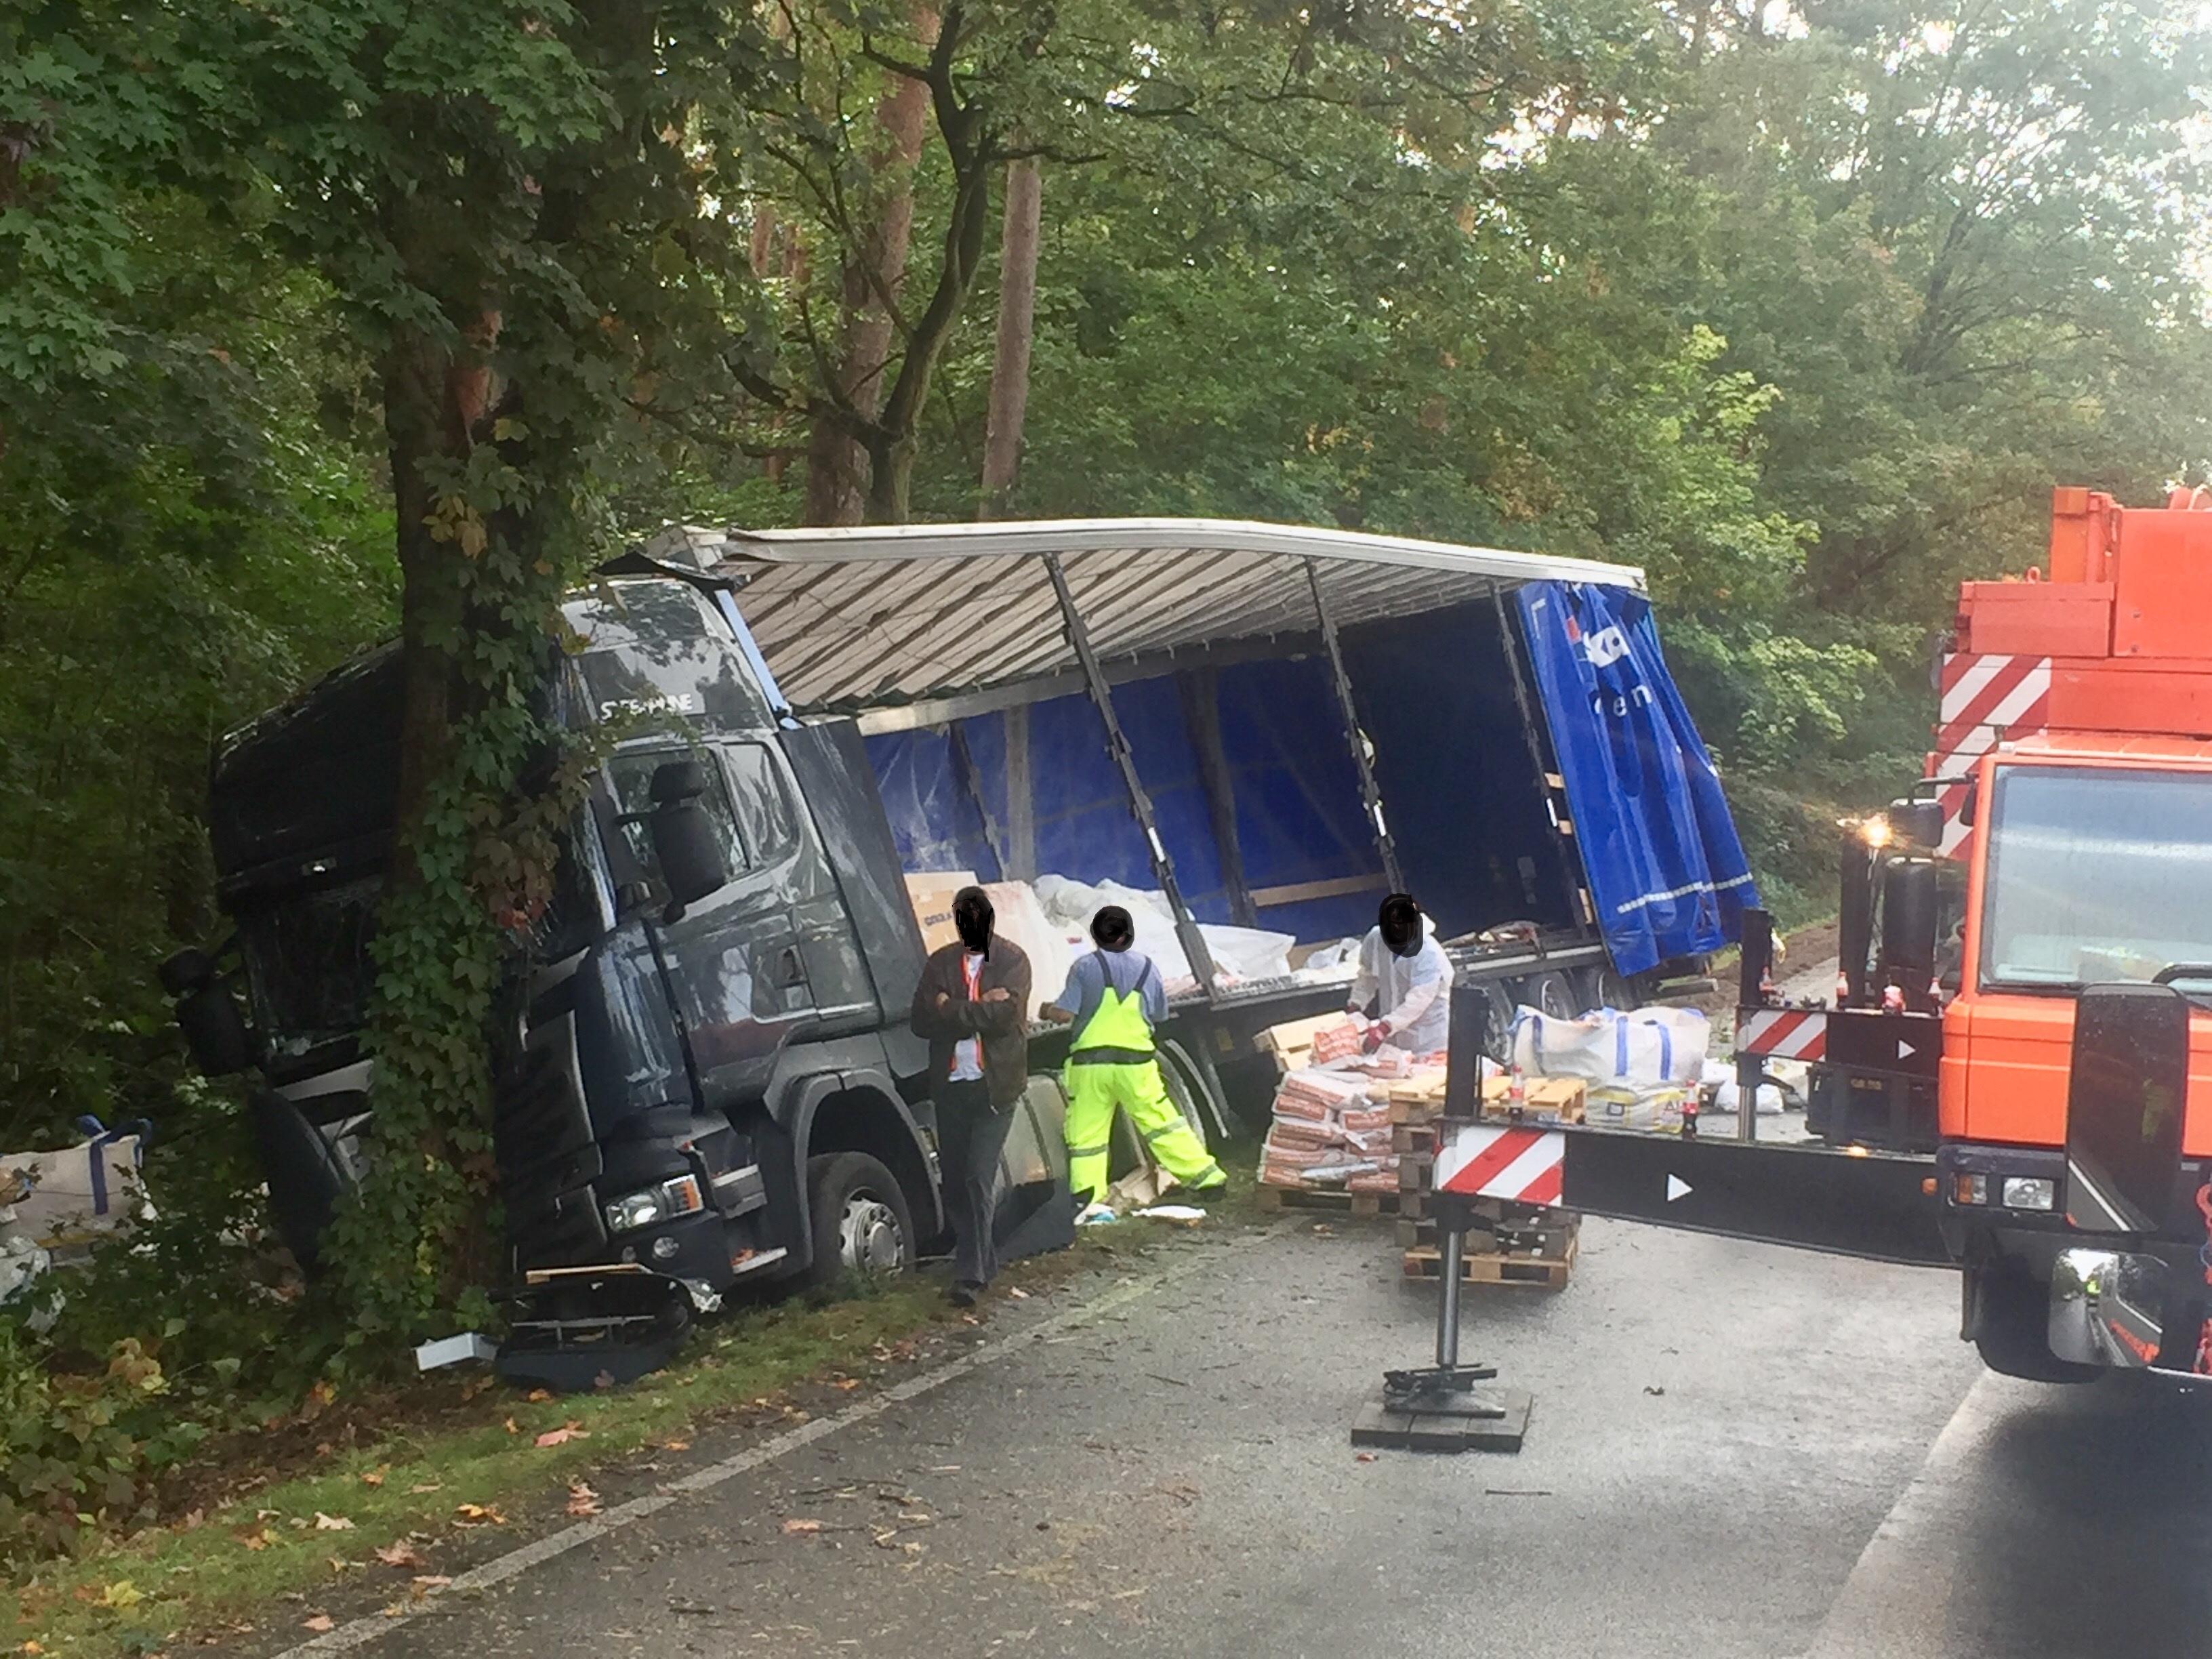 POL-CE: Celle/Wolthausen - LKW-Unfall auf der Bundesstraße 3 ...